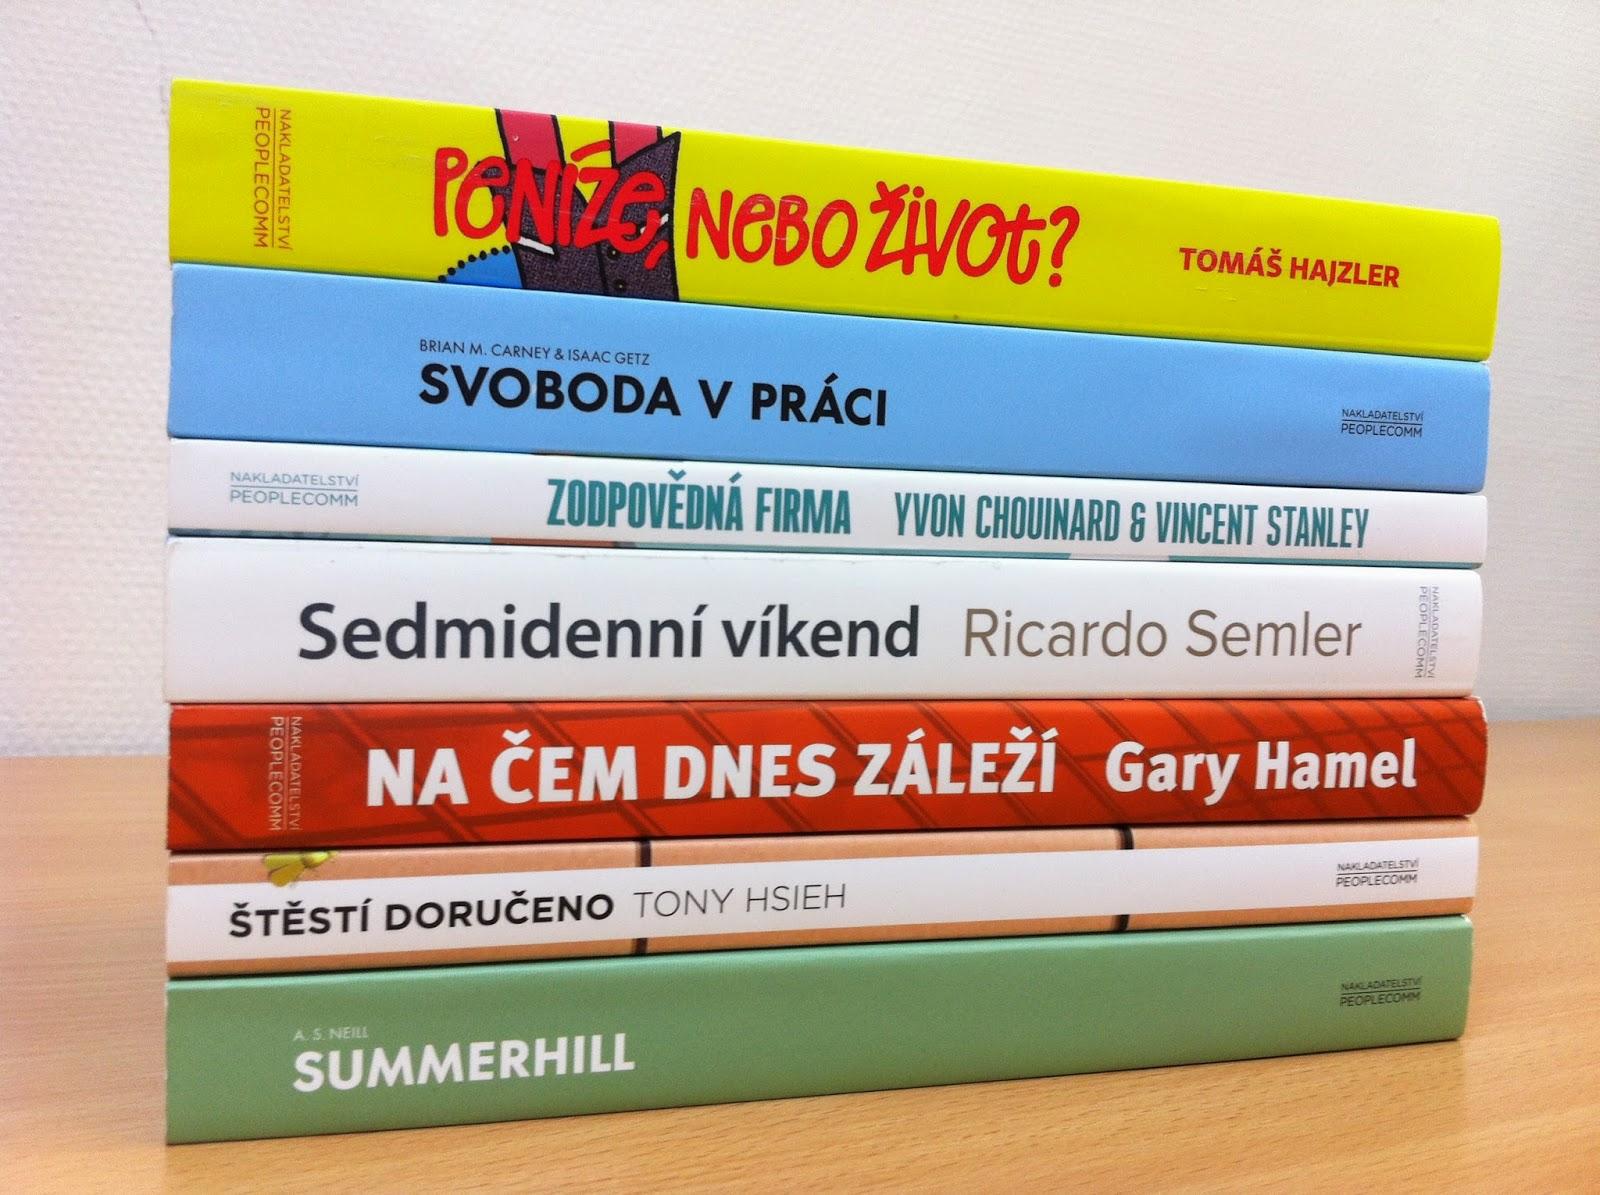 GBG Knihy